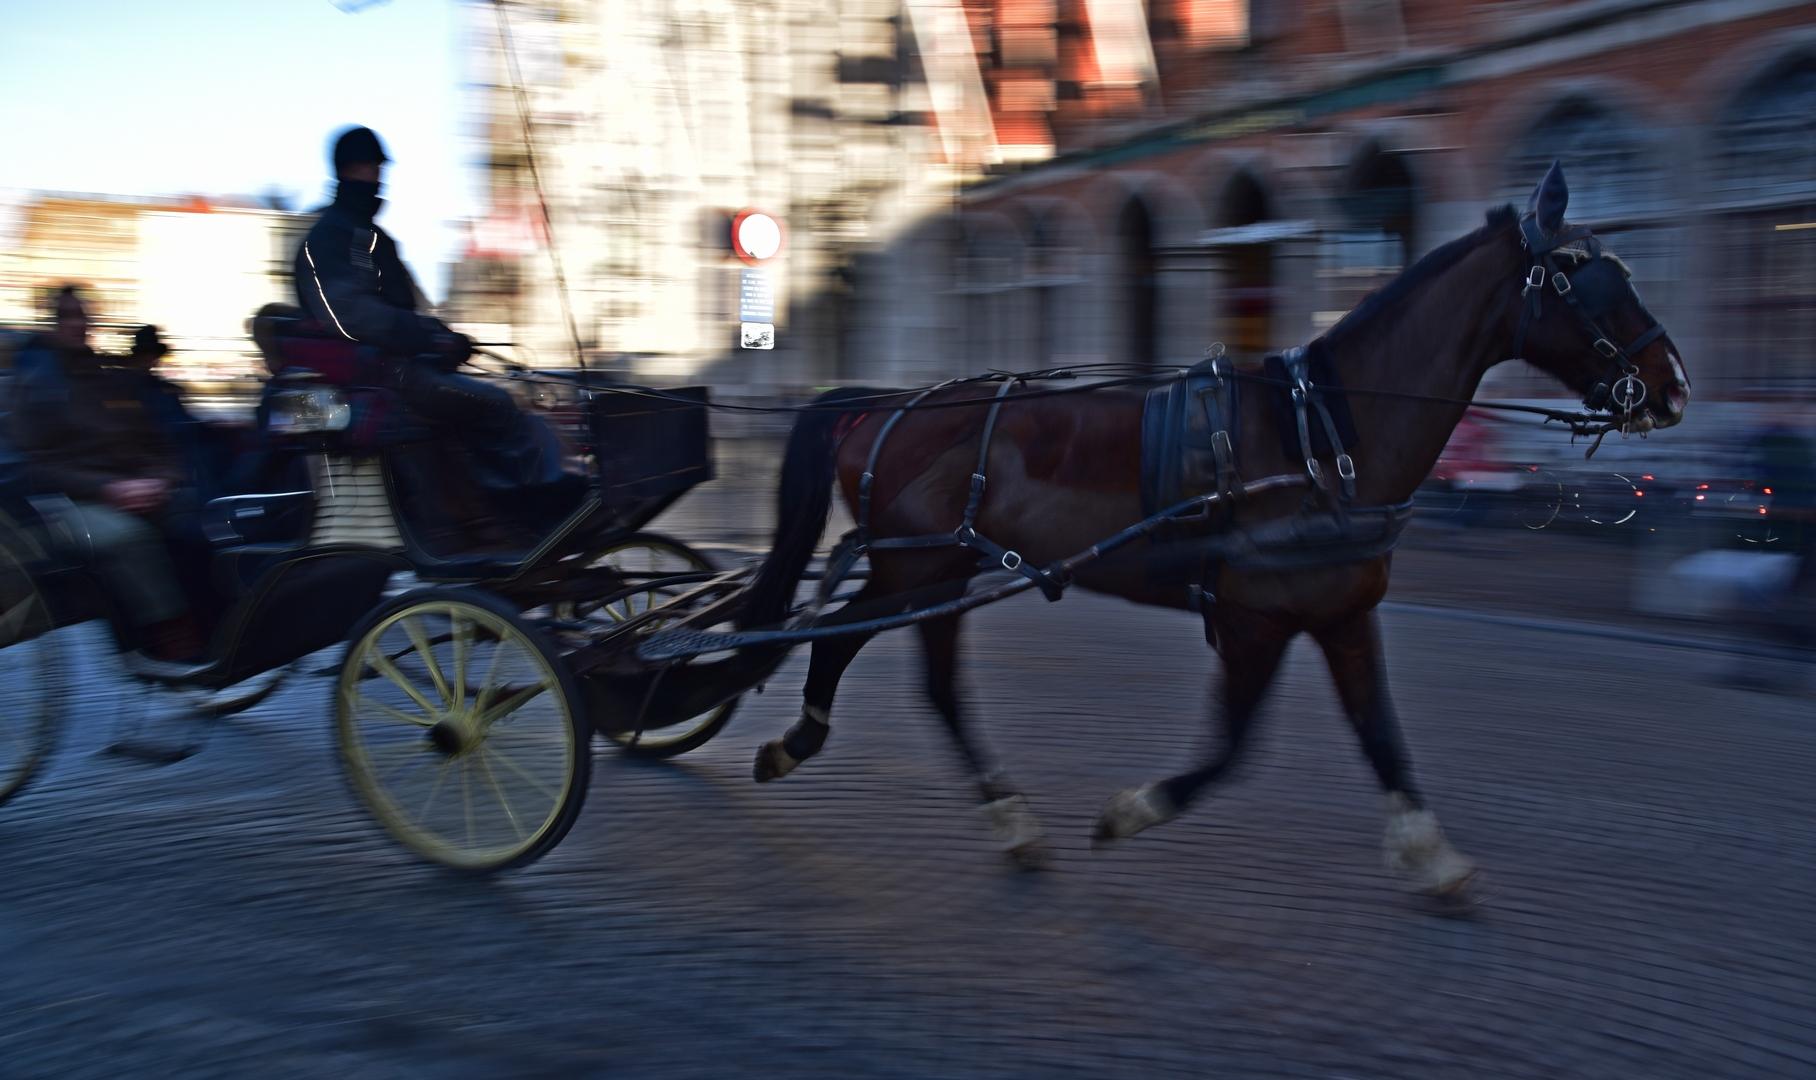 Cheval de courses... en taxi